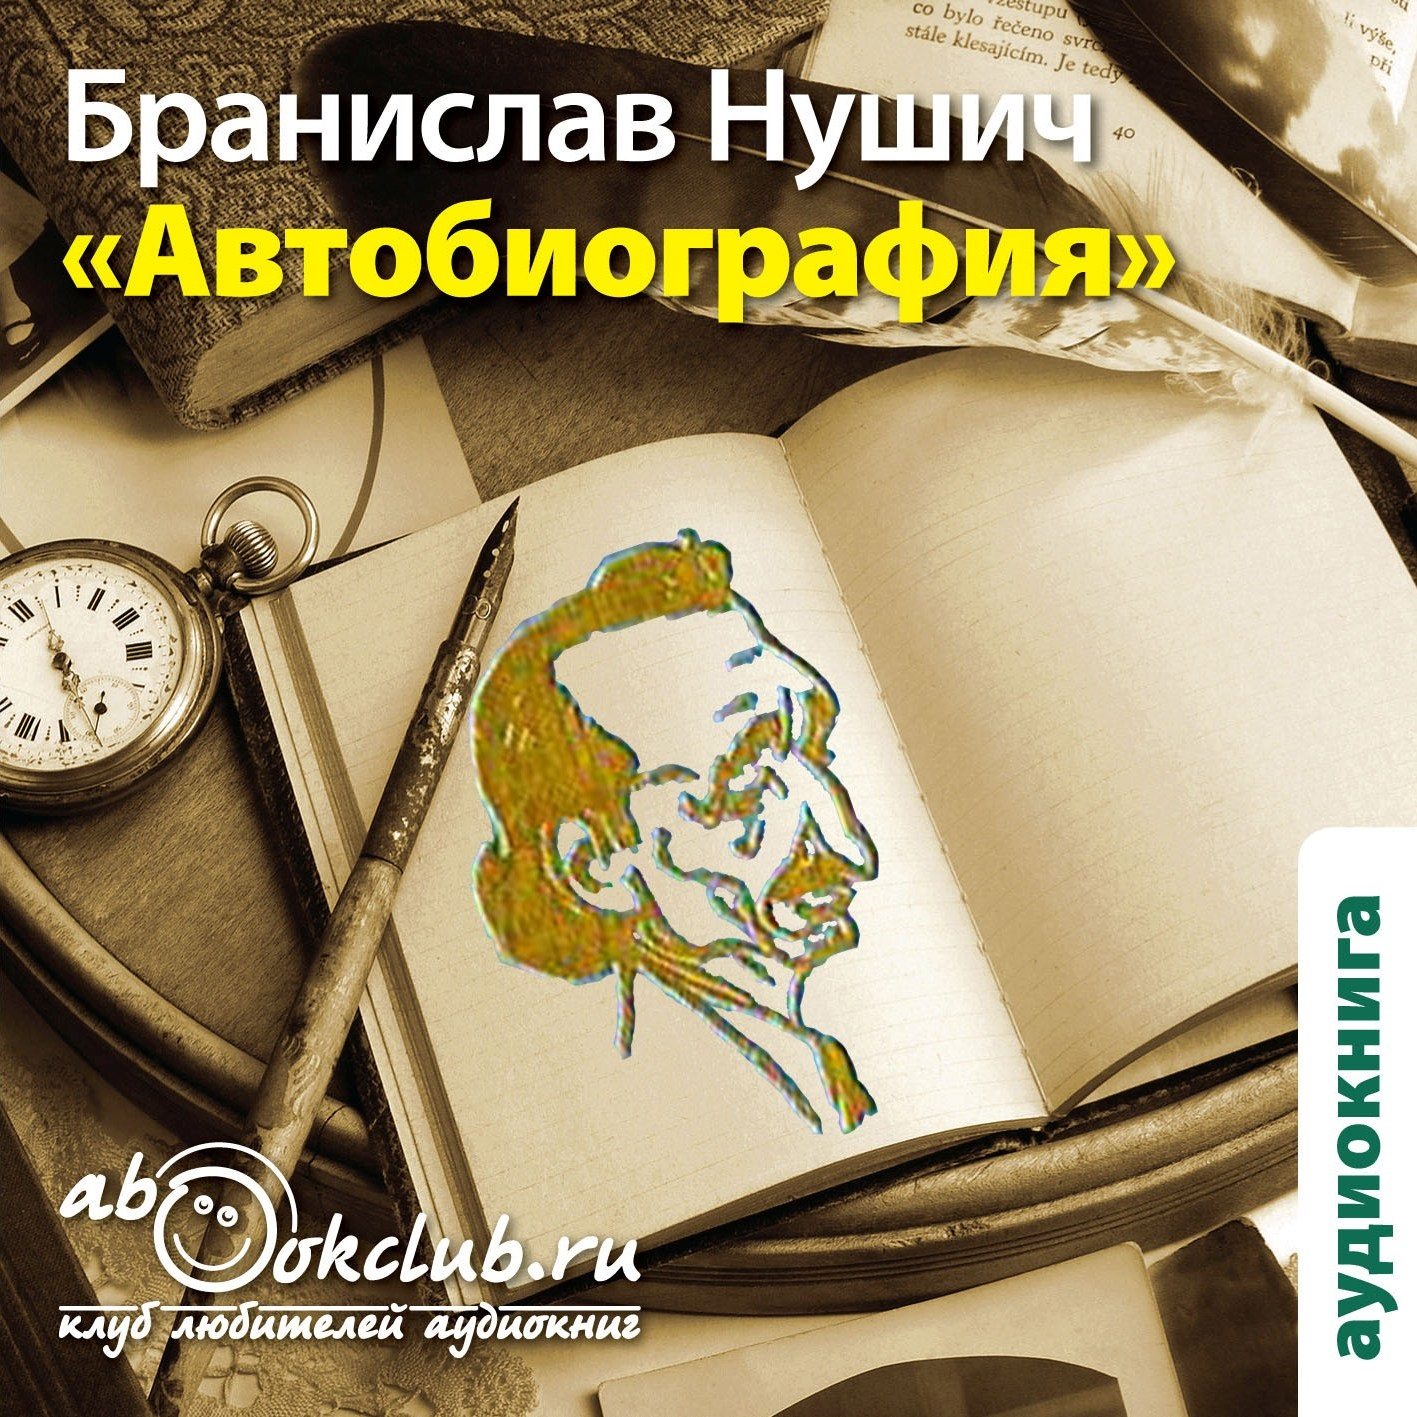 Бранислав Нушич. Автобиография (цифровая версия) (Цифровая версия)